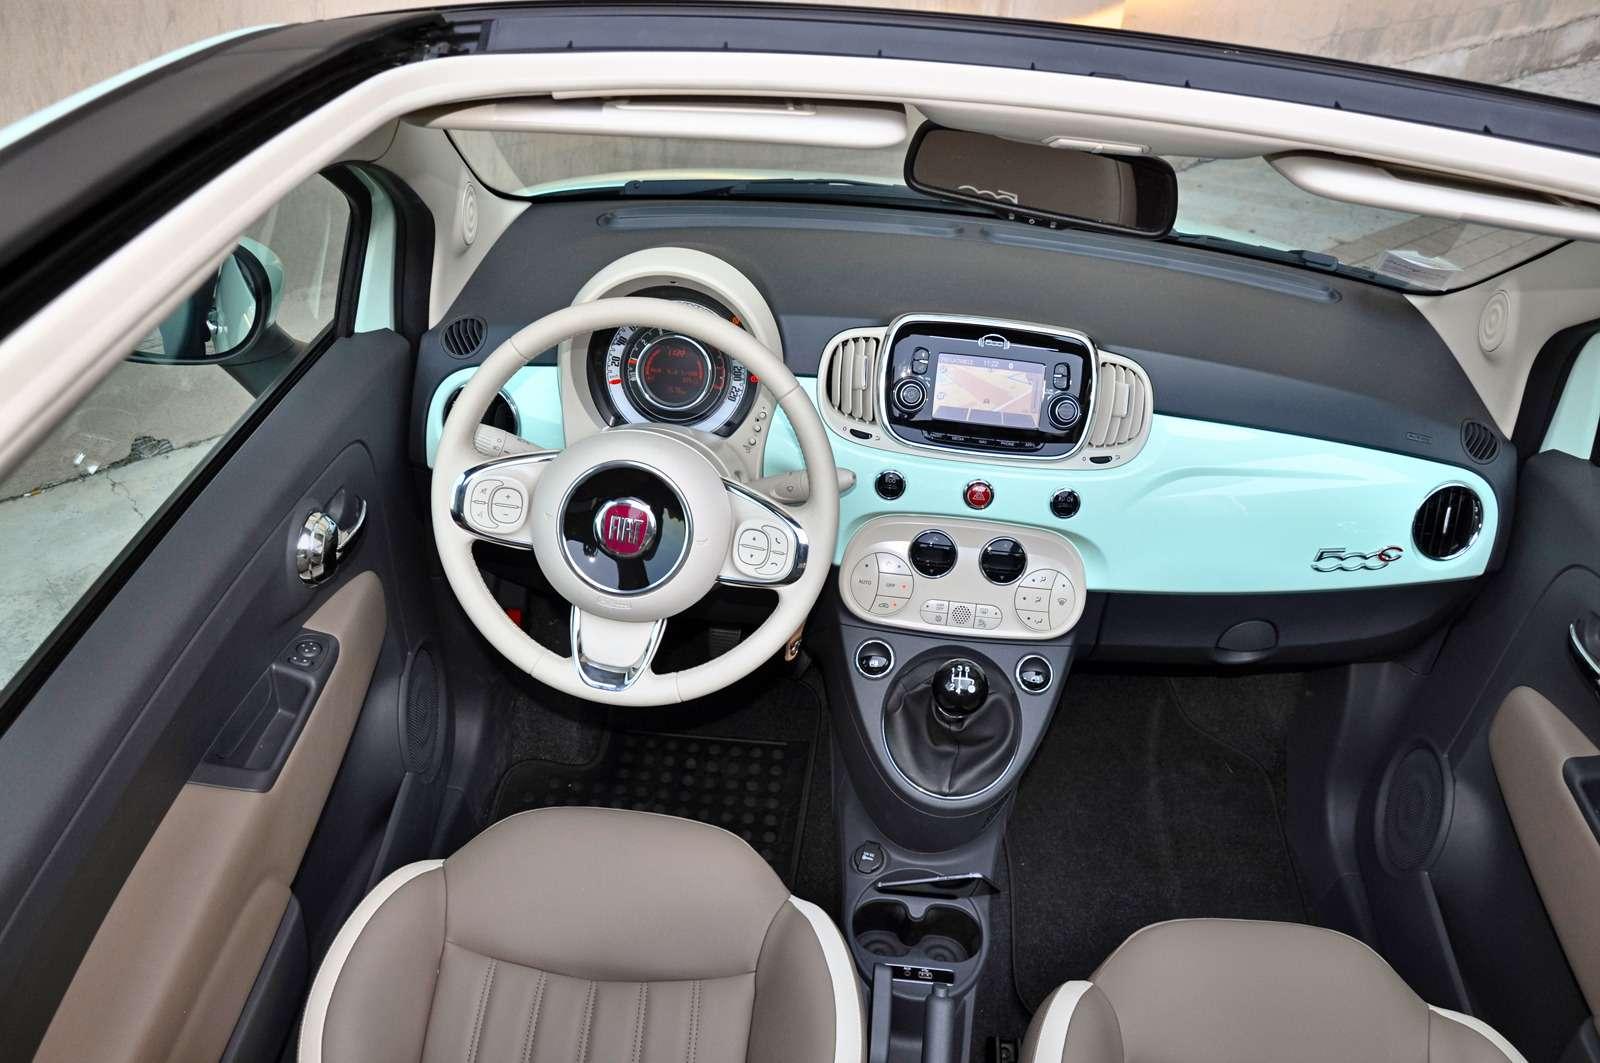 02-Fiat-500_zr-10_15